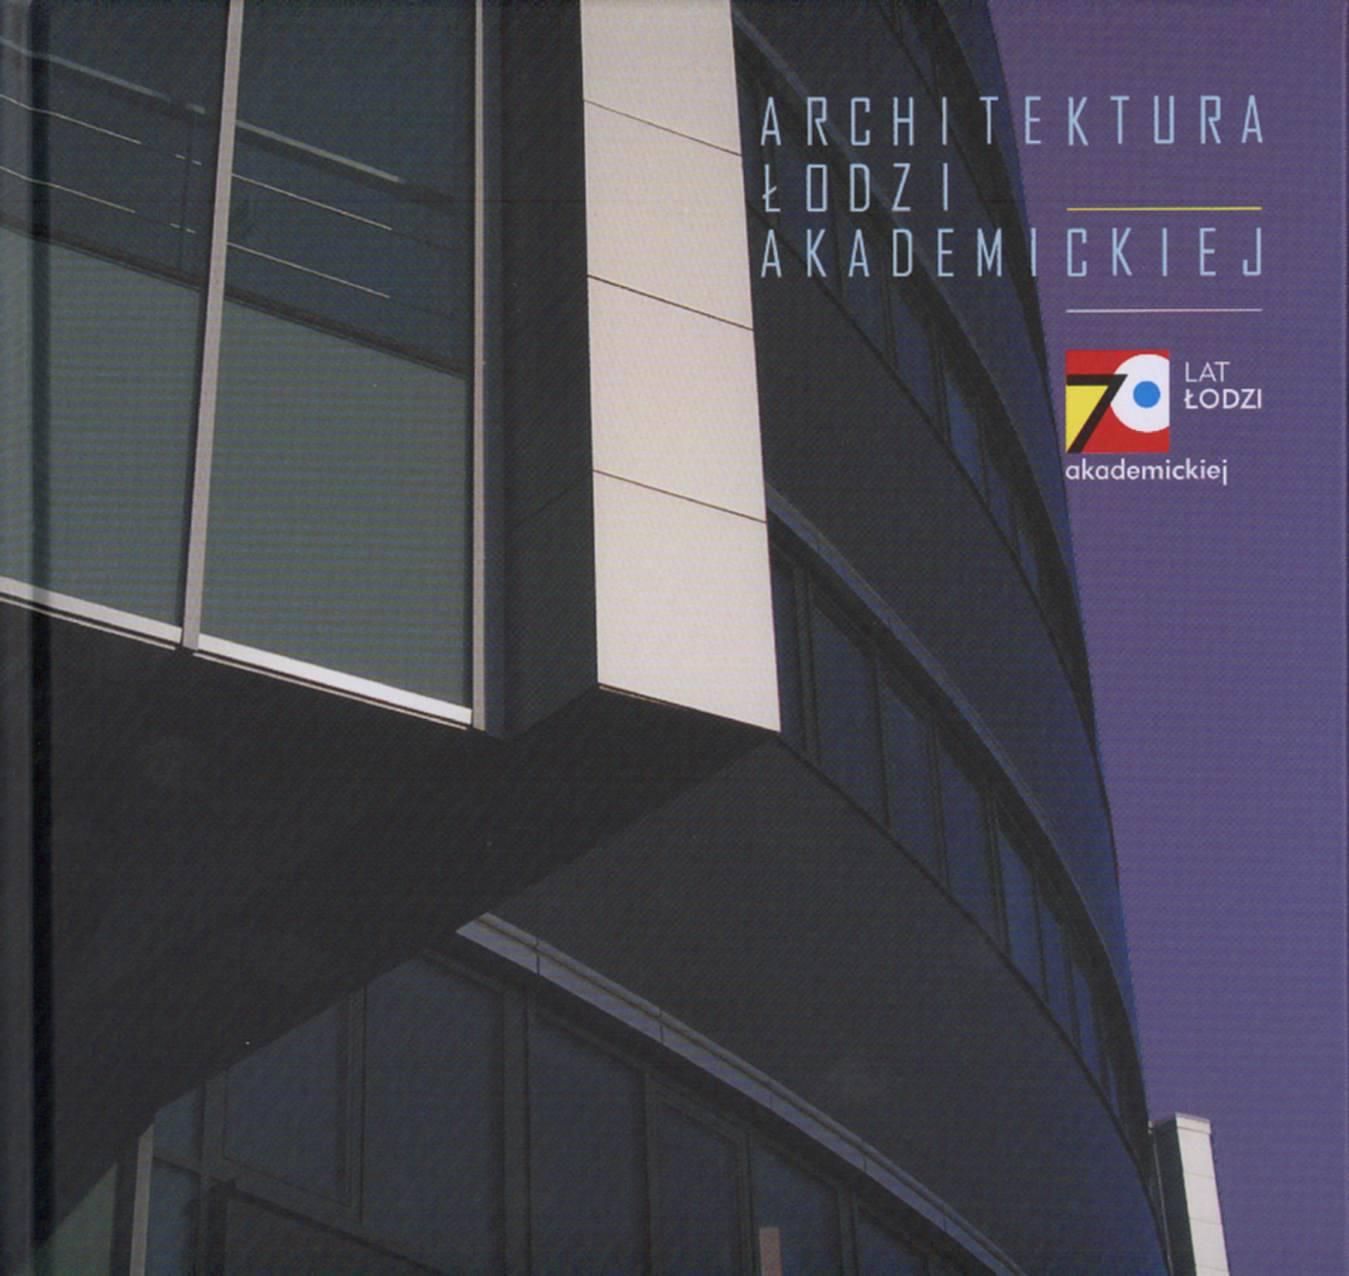 Architektura Łodzi Akademickiej